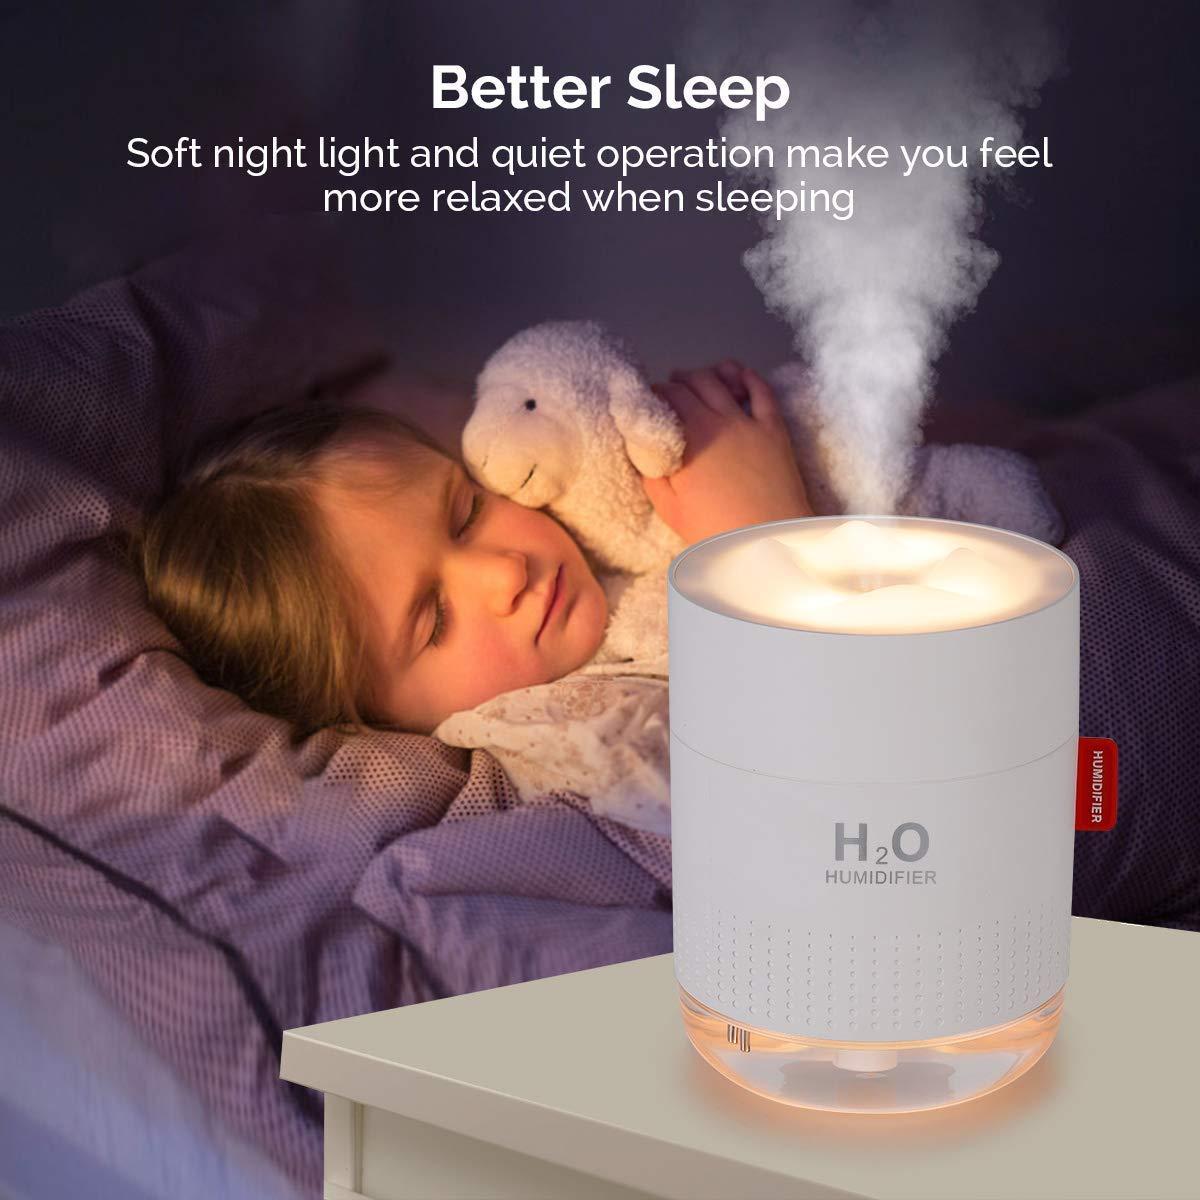 Babyzimmer Wei/ß OOTO Luftbefeuchter auto Usb 500ML Vernebler Luftbefeuchter 10~16 Arbeitsstunden Ultra Leise Schlafmodus Anti-bakterieller Ultraschall Luftbefeuchter Schlafzimmer Wohnzimmer